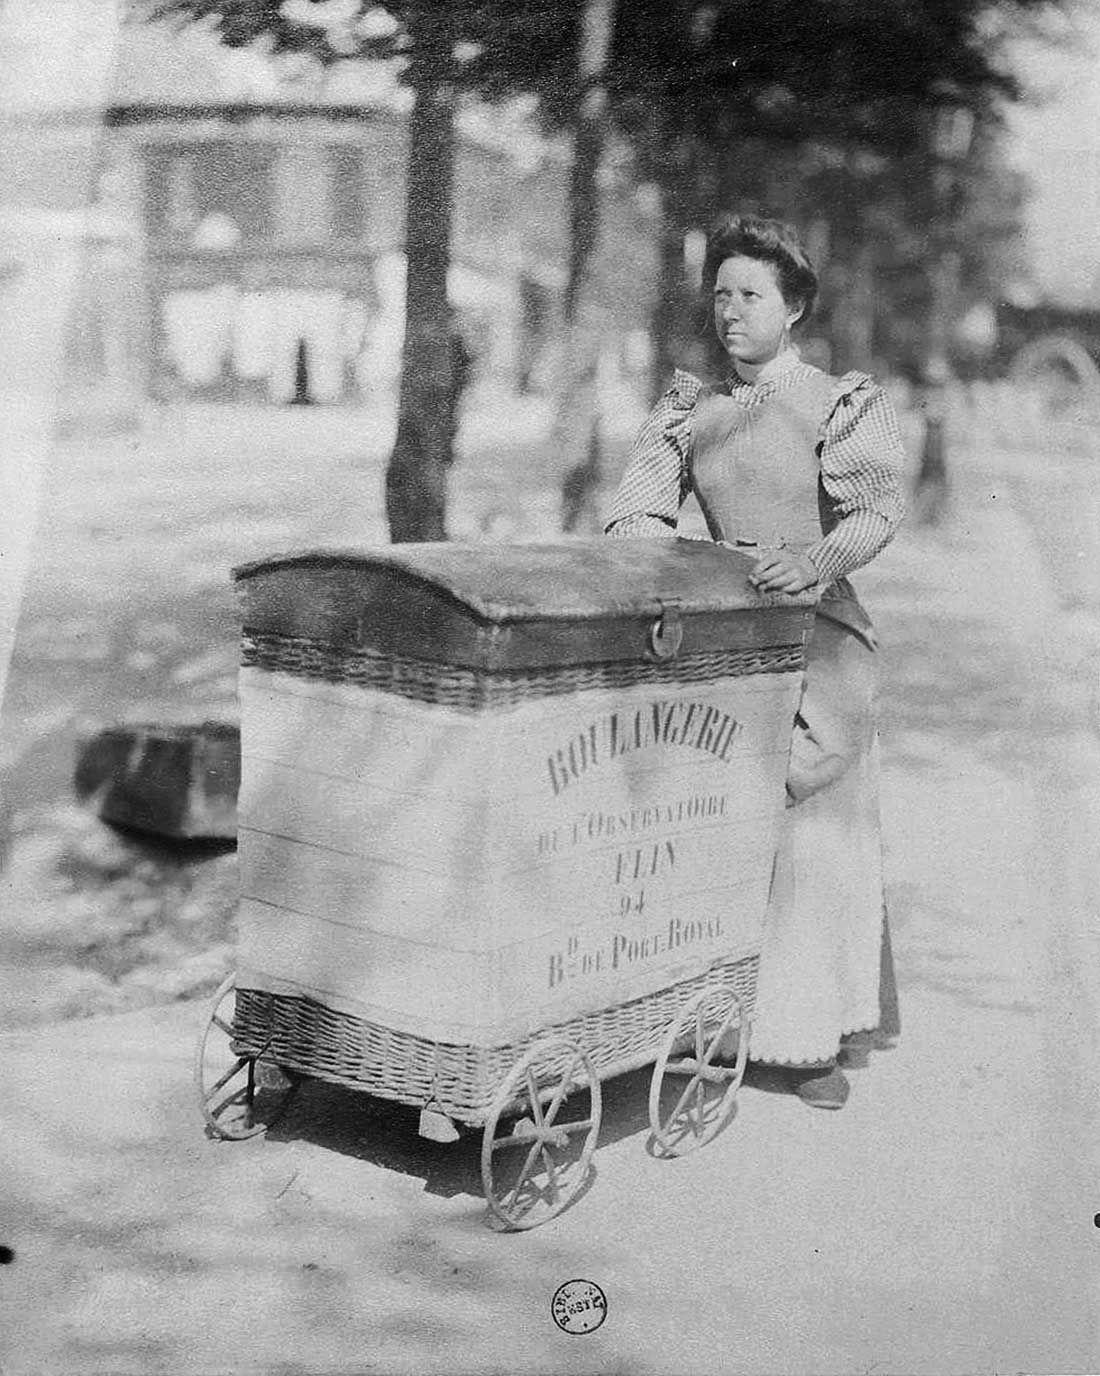 photo insolite noir et blanc les petits metiers paris vintage 1900 boulangere livraison pain. Black Bedroom Furniture Sets. Home Design Ideas